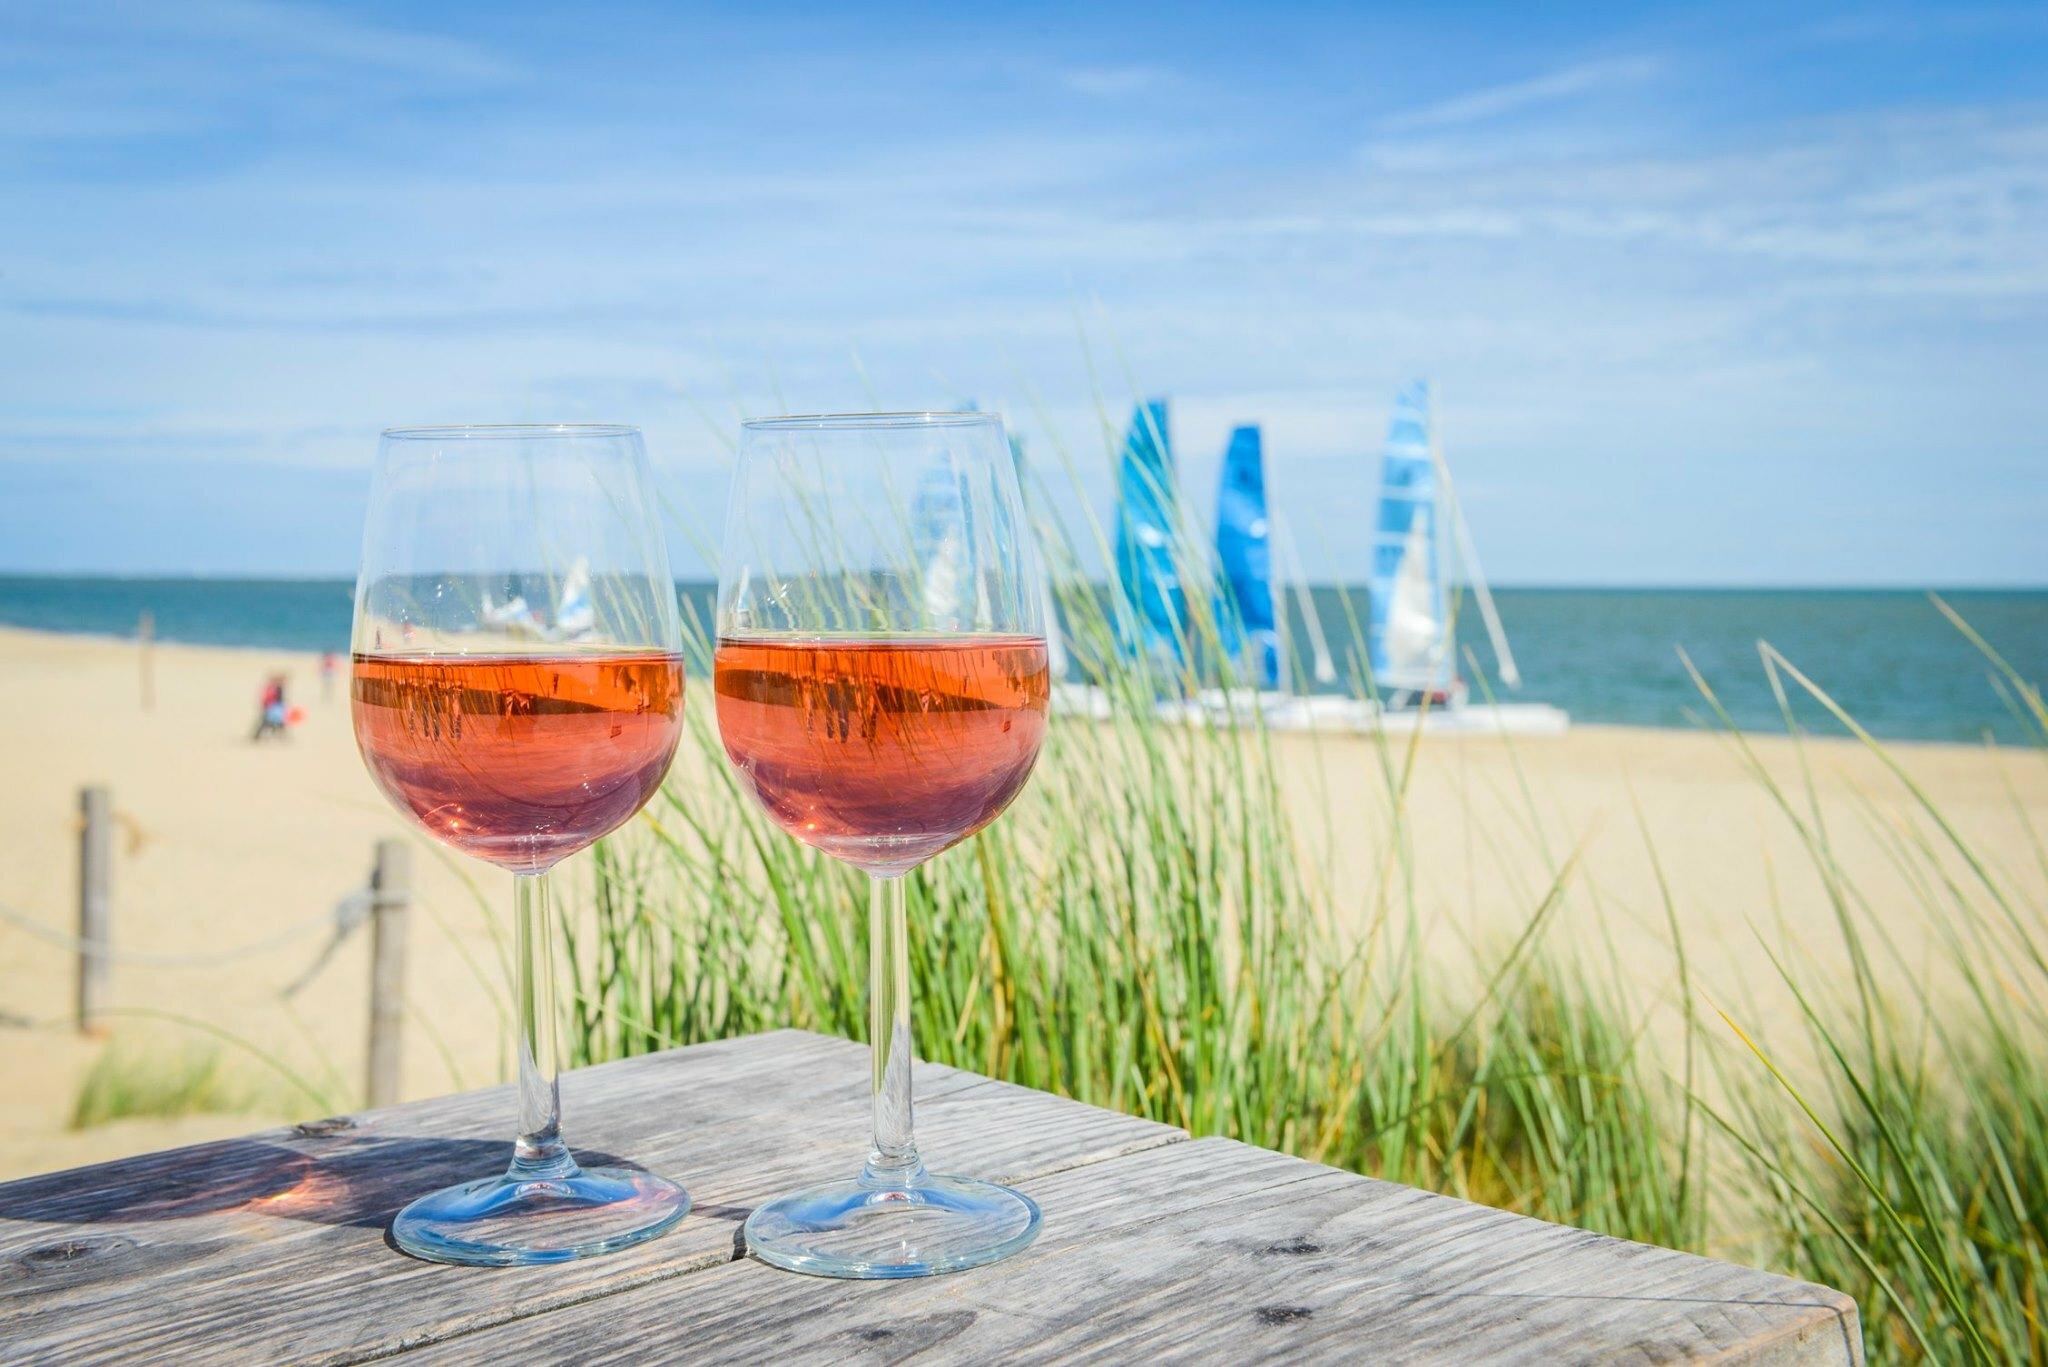 Uitzicht met wijnglazen bij Strandpaviljoen Kaap Noord VVV Texel